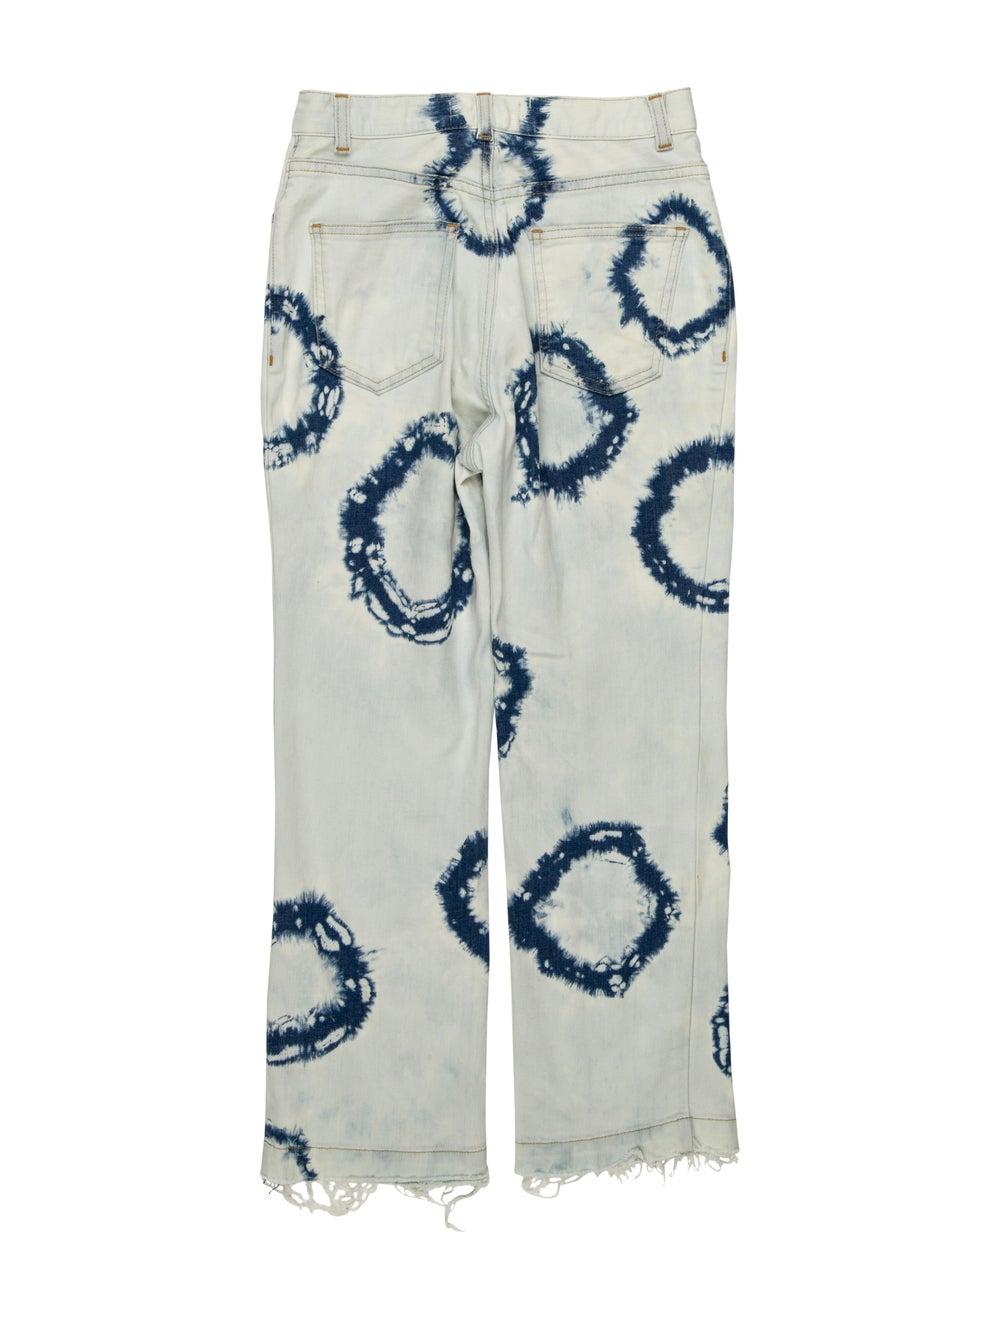 Rachel Comey Mid-Rise Straight Leg Jeans Blue - image 2